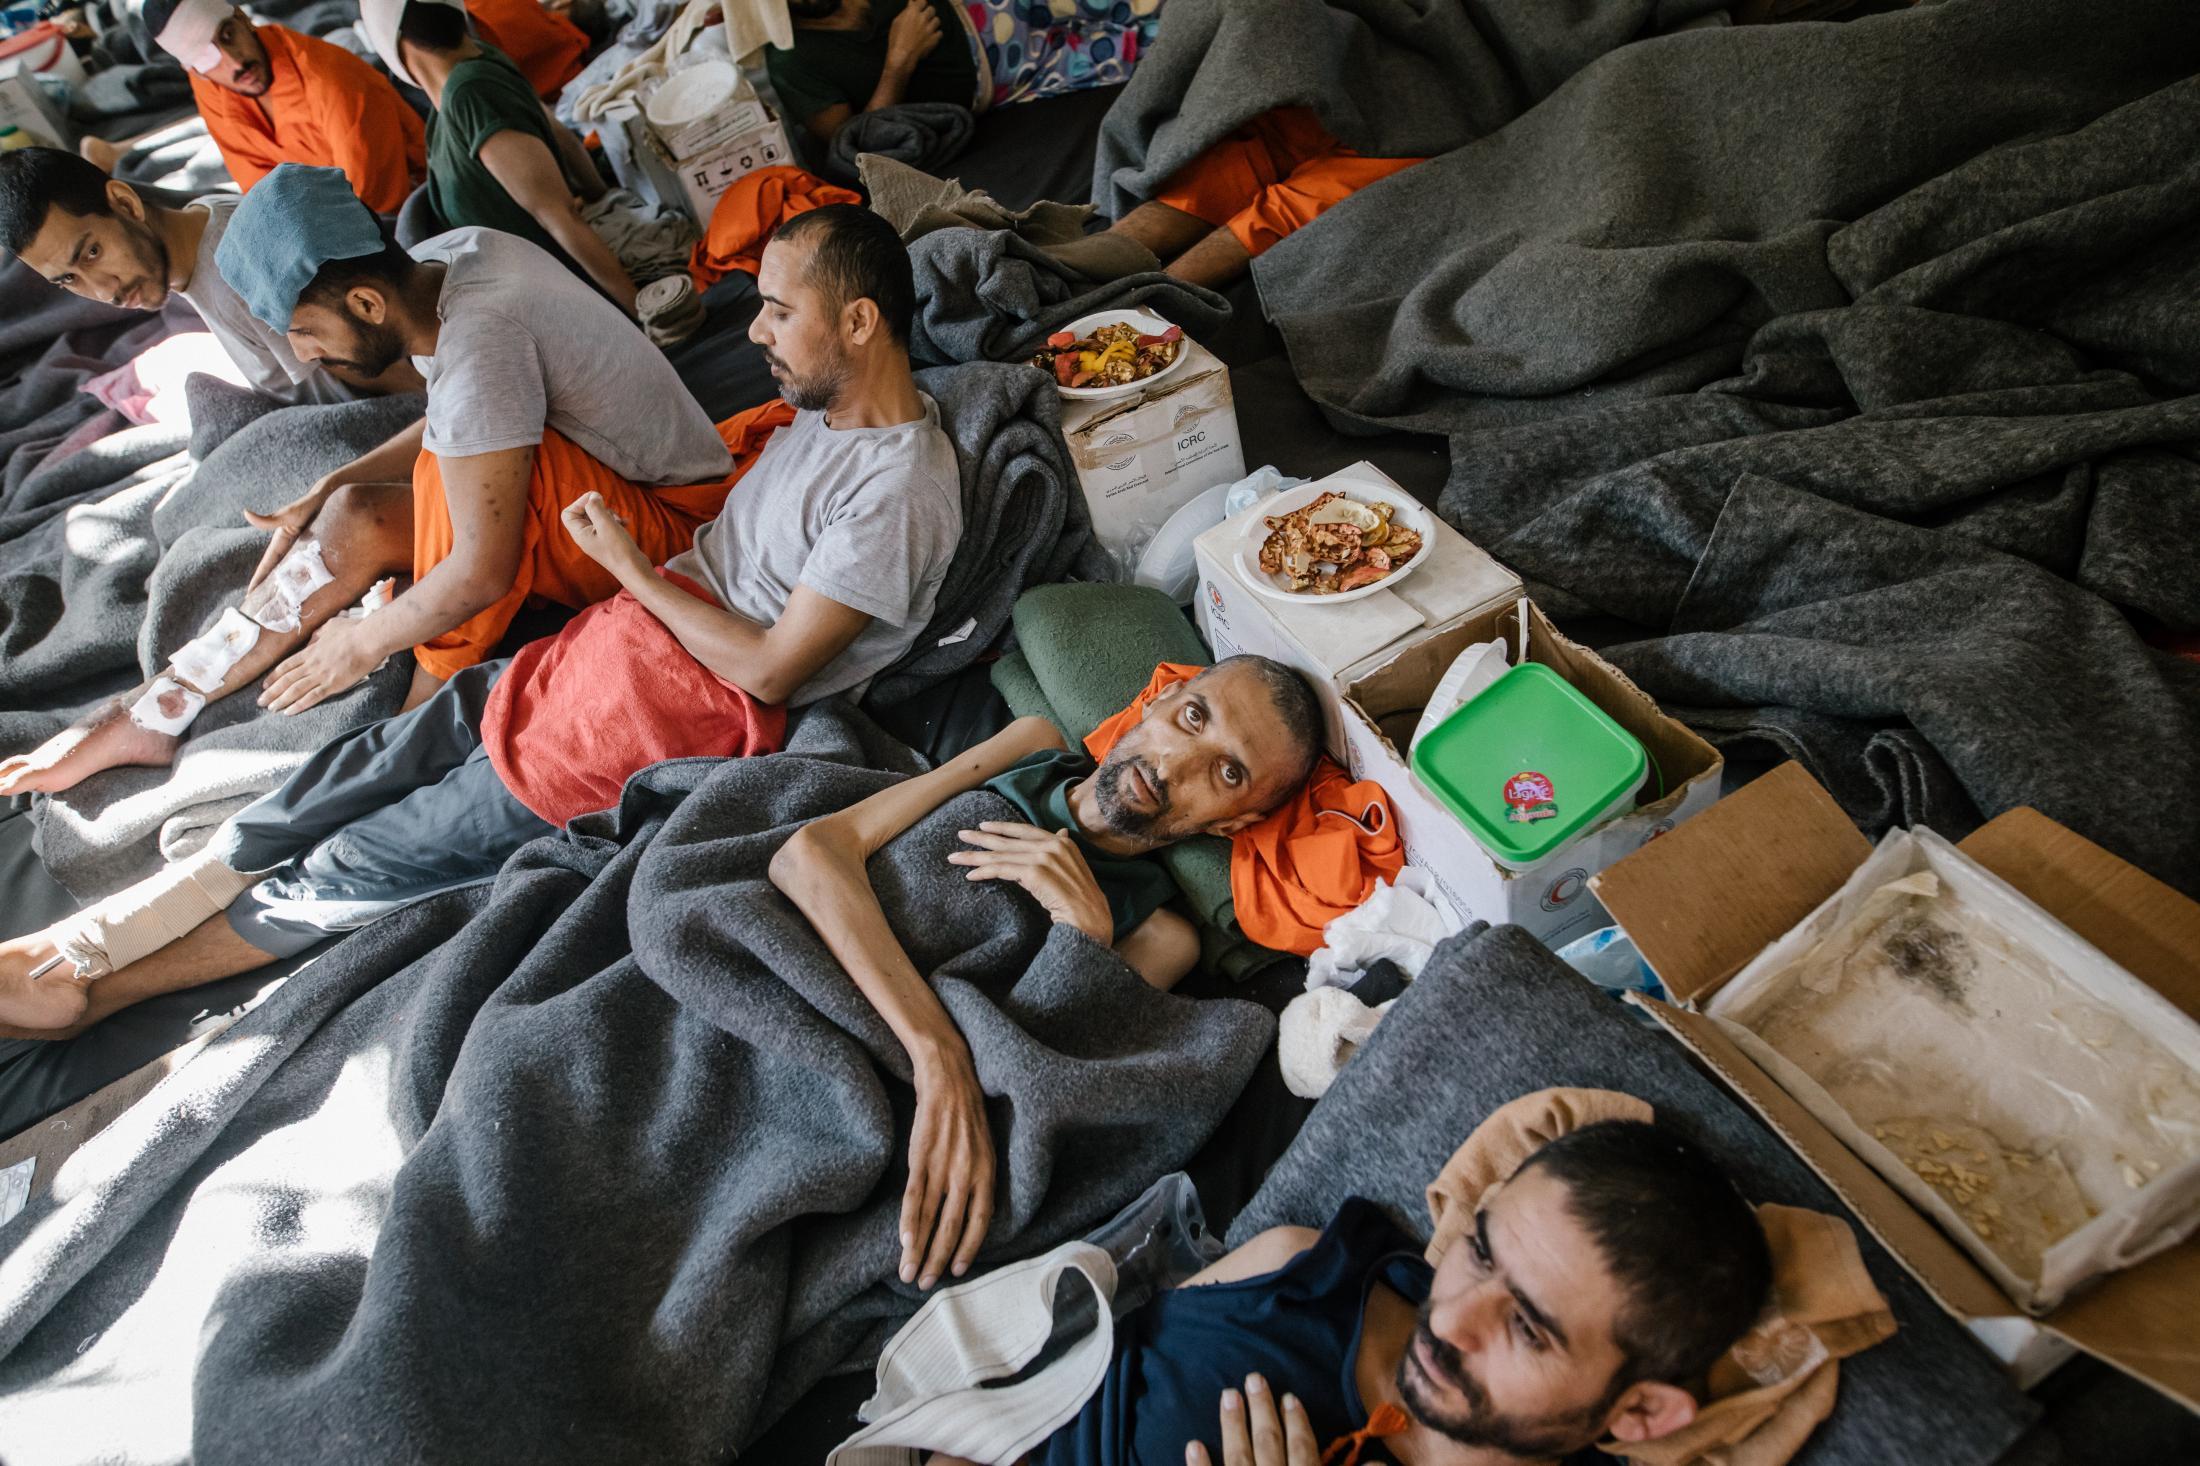 Le 30 octobre 2019, Hassake, Nord Est syrien. Environ 5000 prisonniers supposés membres de l'Etat islamique vivent dans cette université transformée en prison. Entre 100 et 200 détenus dans chaque salle de classe. La prison est ouverte depuis 4 mois au moment où cette photo a été prise. Elle est surpeuplée. Les prisonniers sont considérés comme les plus radicaux et vivent dans des conditions difficiles. Cette pièce servait sans doute de grand réfectoire avant, maintenant elle accueille les malades et mourants. Les plus chanceux ont un lit, mais cet homme qui souffre notamment de malnutrition dort par terre.